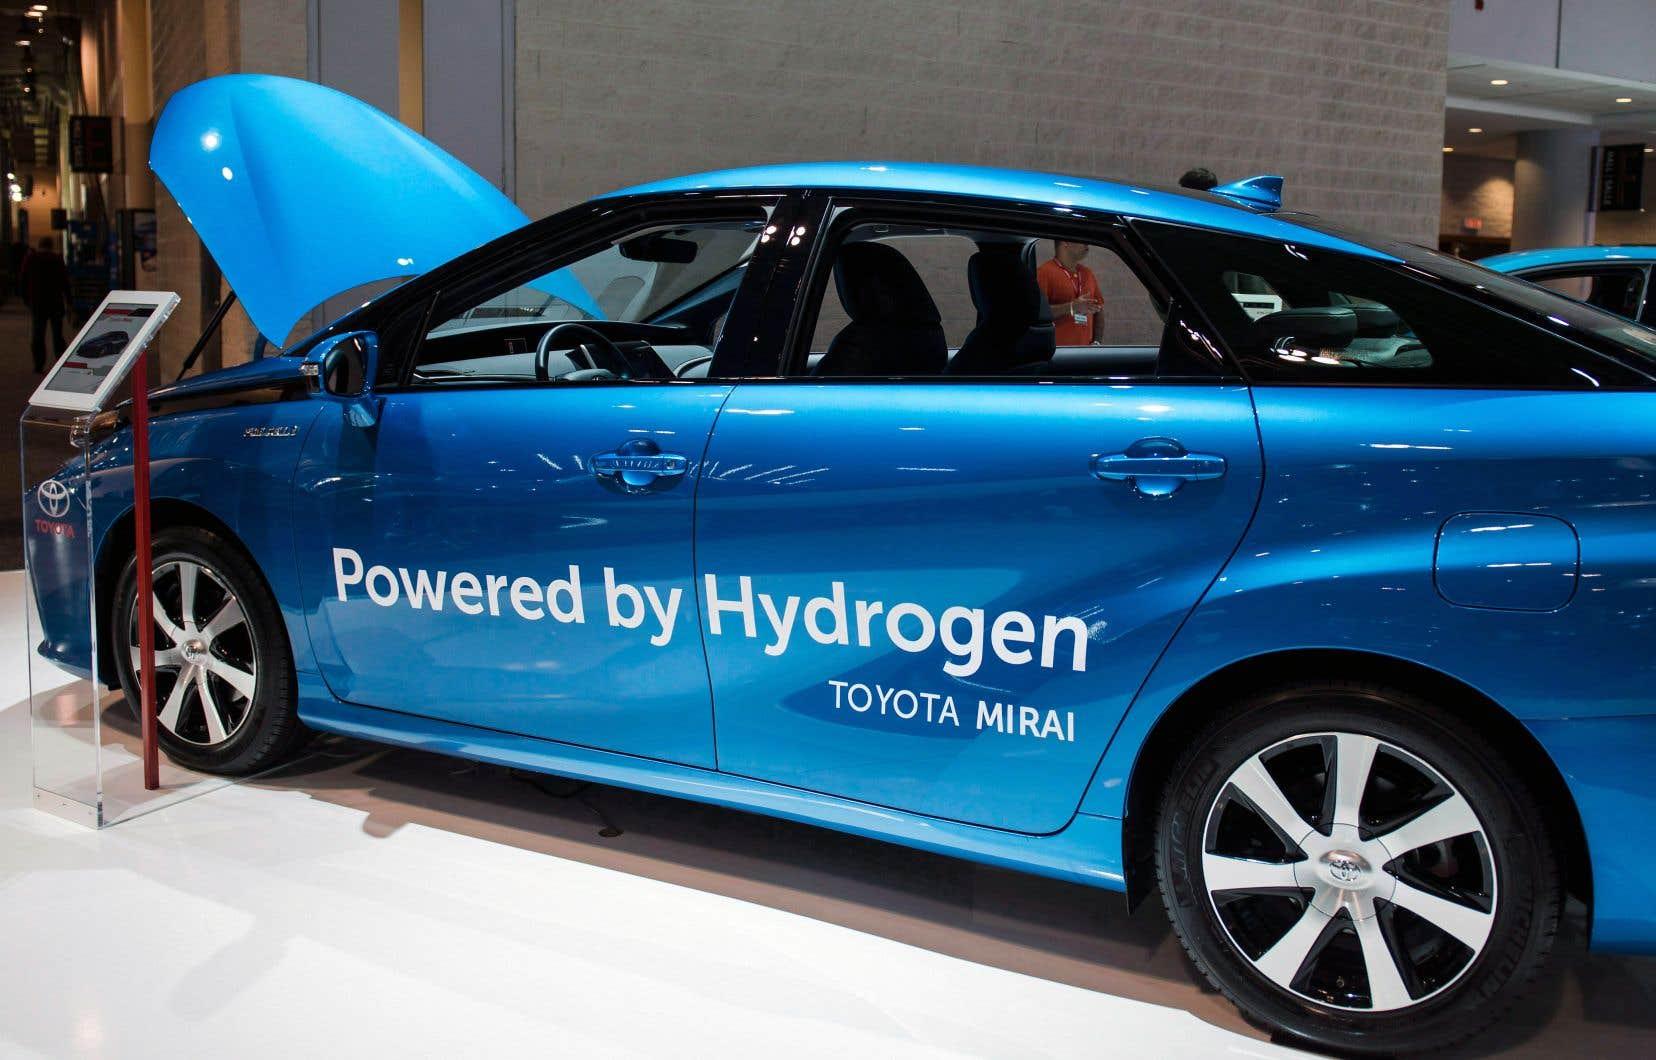 L'hydrogène est un carburant utilisé dans l'industrie où la chimie et la métallurgie figurent parmi les grands consommateurs. Mais il est aussi utilisé comme source d'énergie dans le transport, un chapitre plus récent avec le développement des piles à combustible.